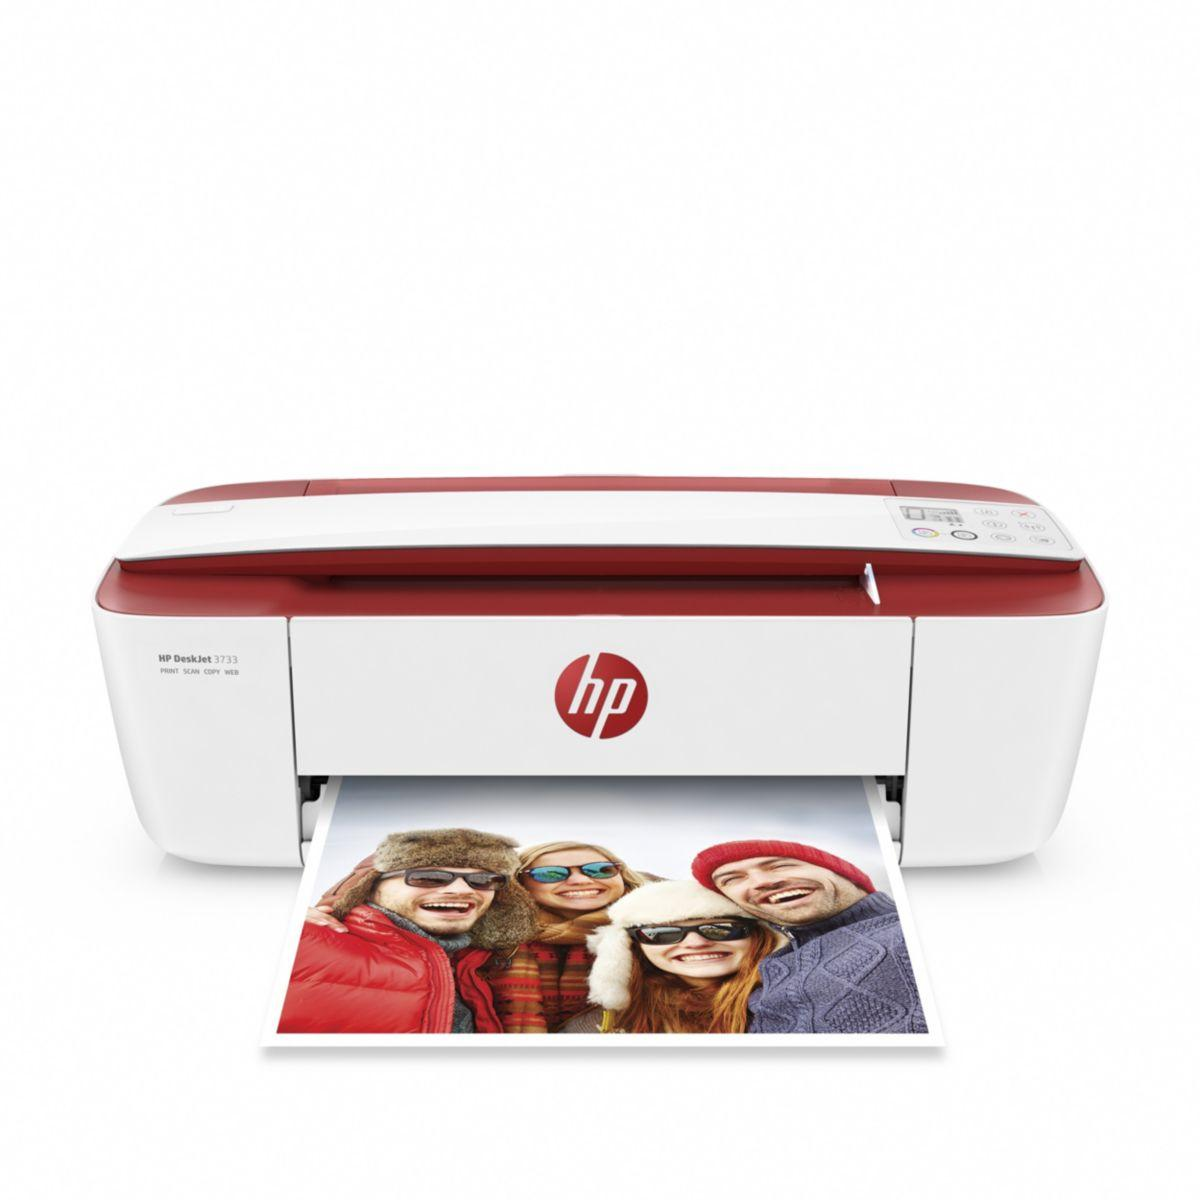 Imprimante jet d'encre hp deskjet 3733 rouge (photo)